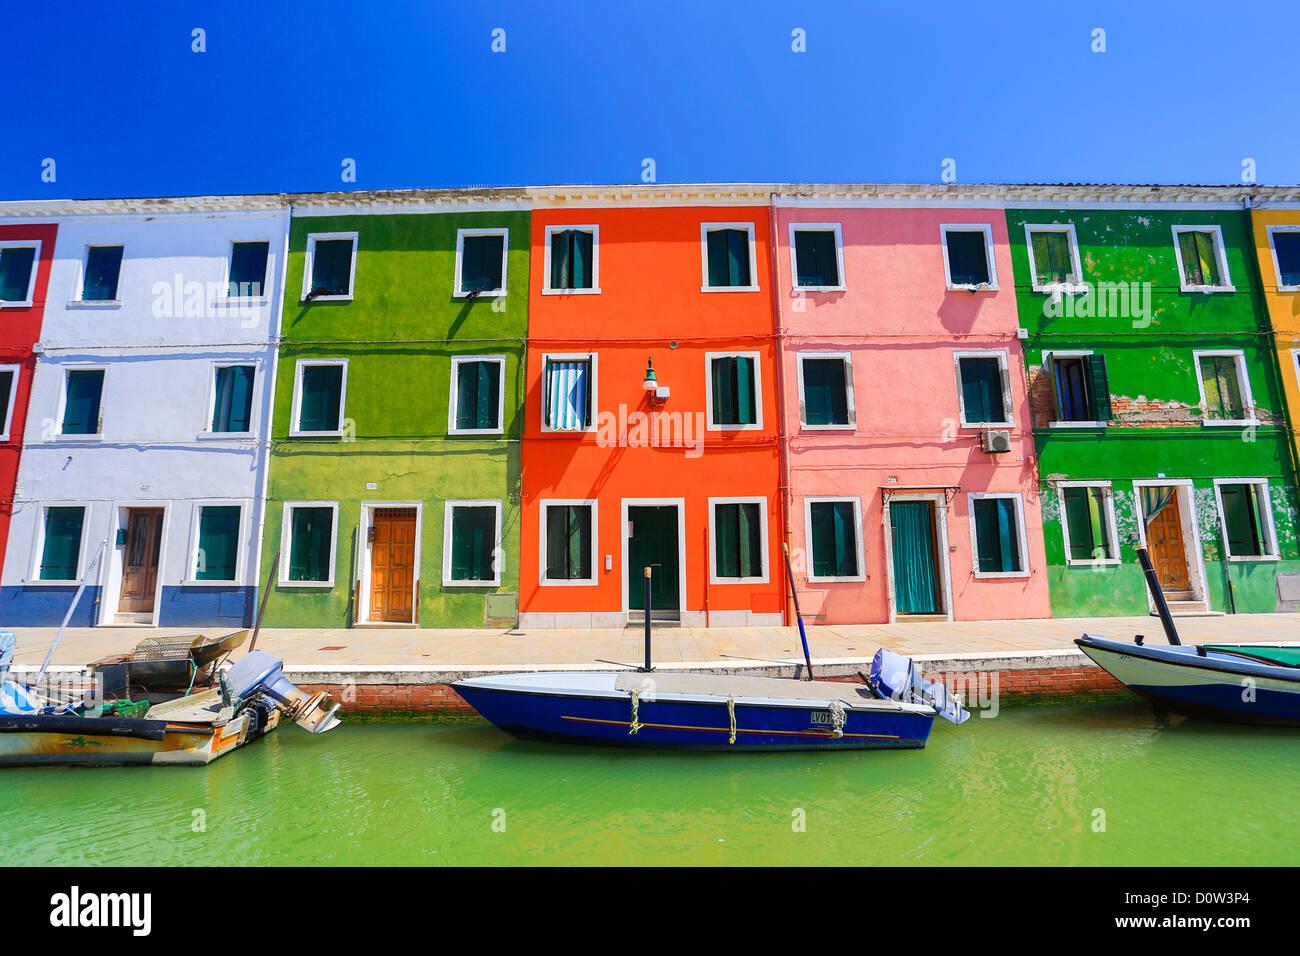 L'Italie, l'Europe, voyage, Venise, Burano, architecture, canal, bateaux colorés, couleurs, tourisme, Photo Stock